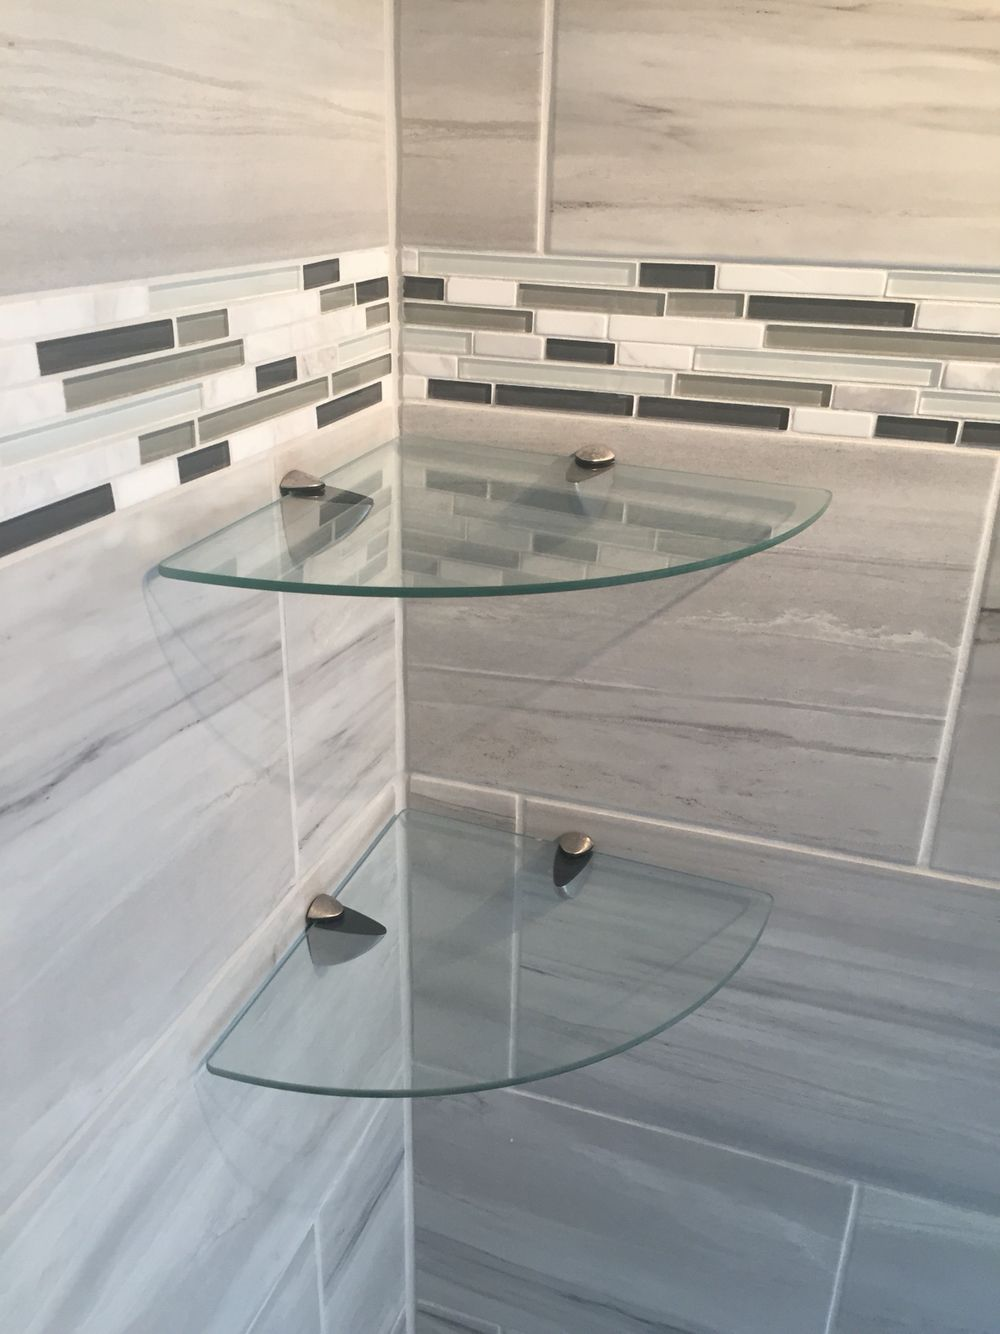 Bathroom shower glass corner shelves http://www.amazon.com